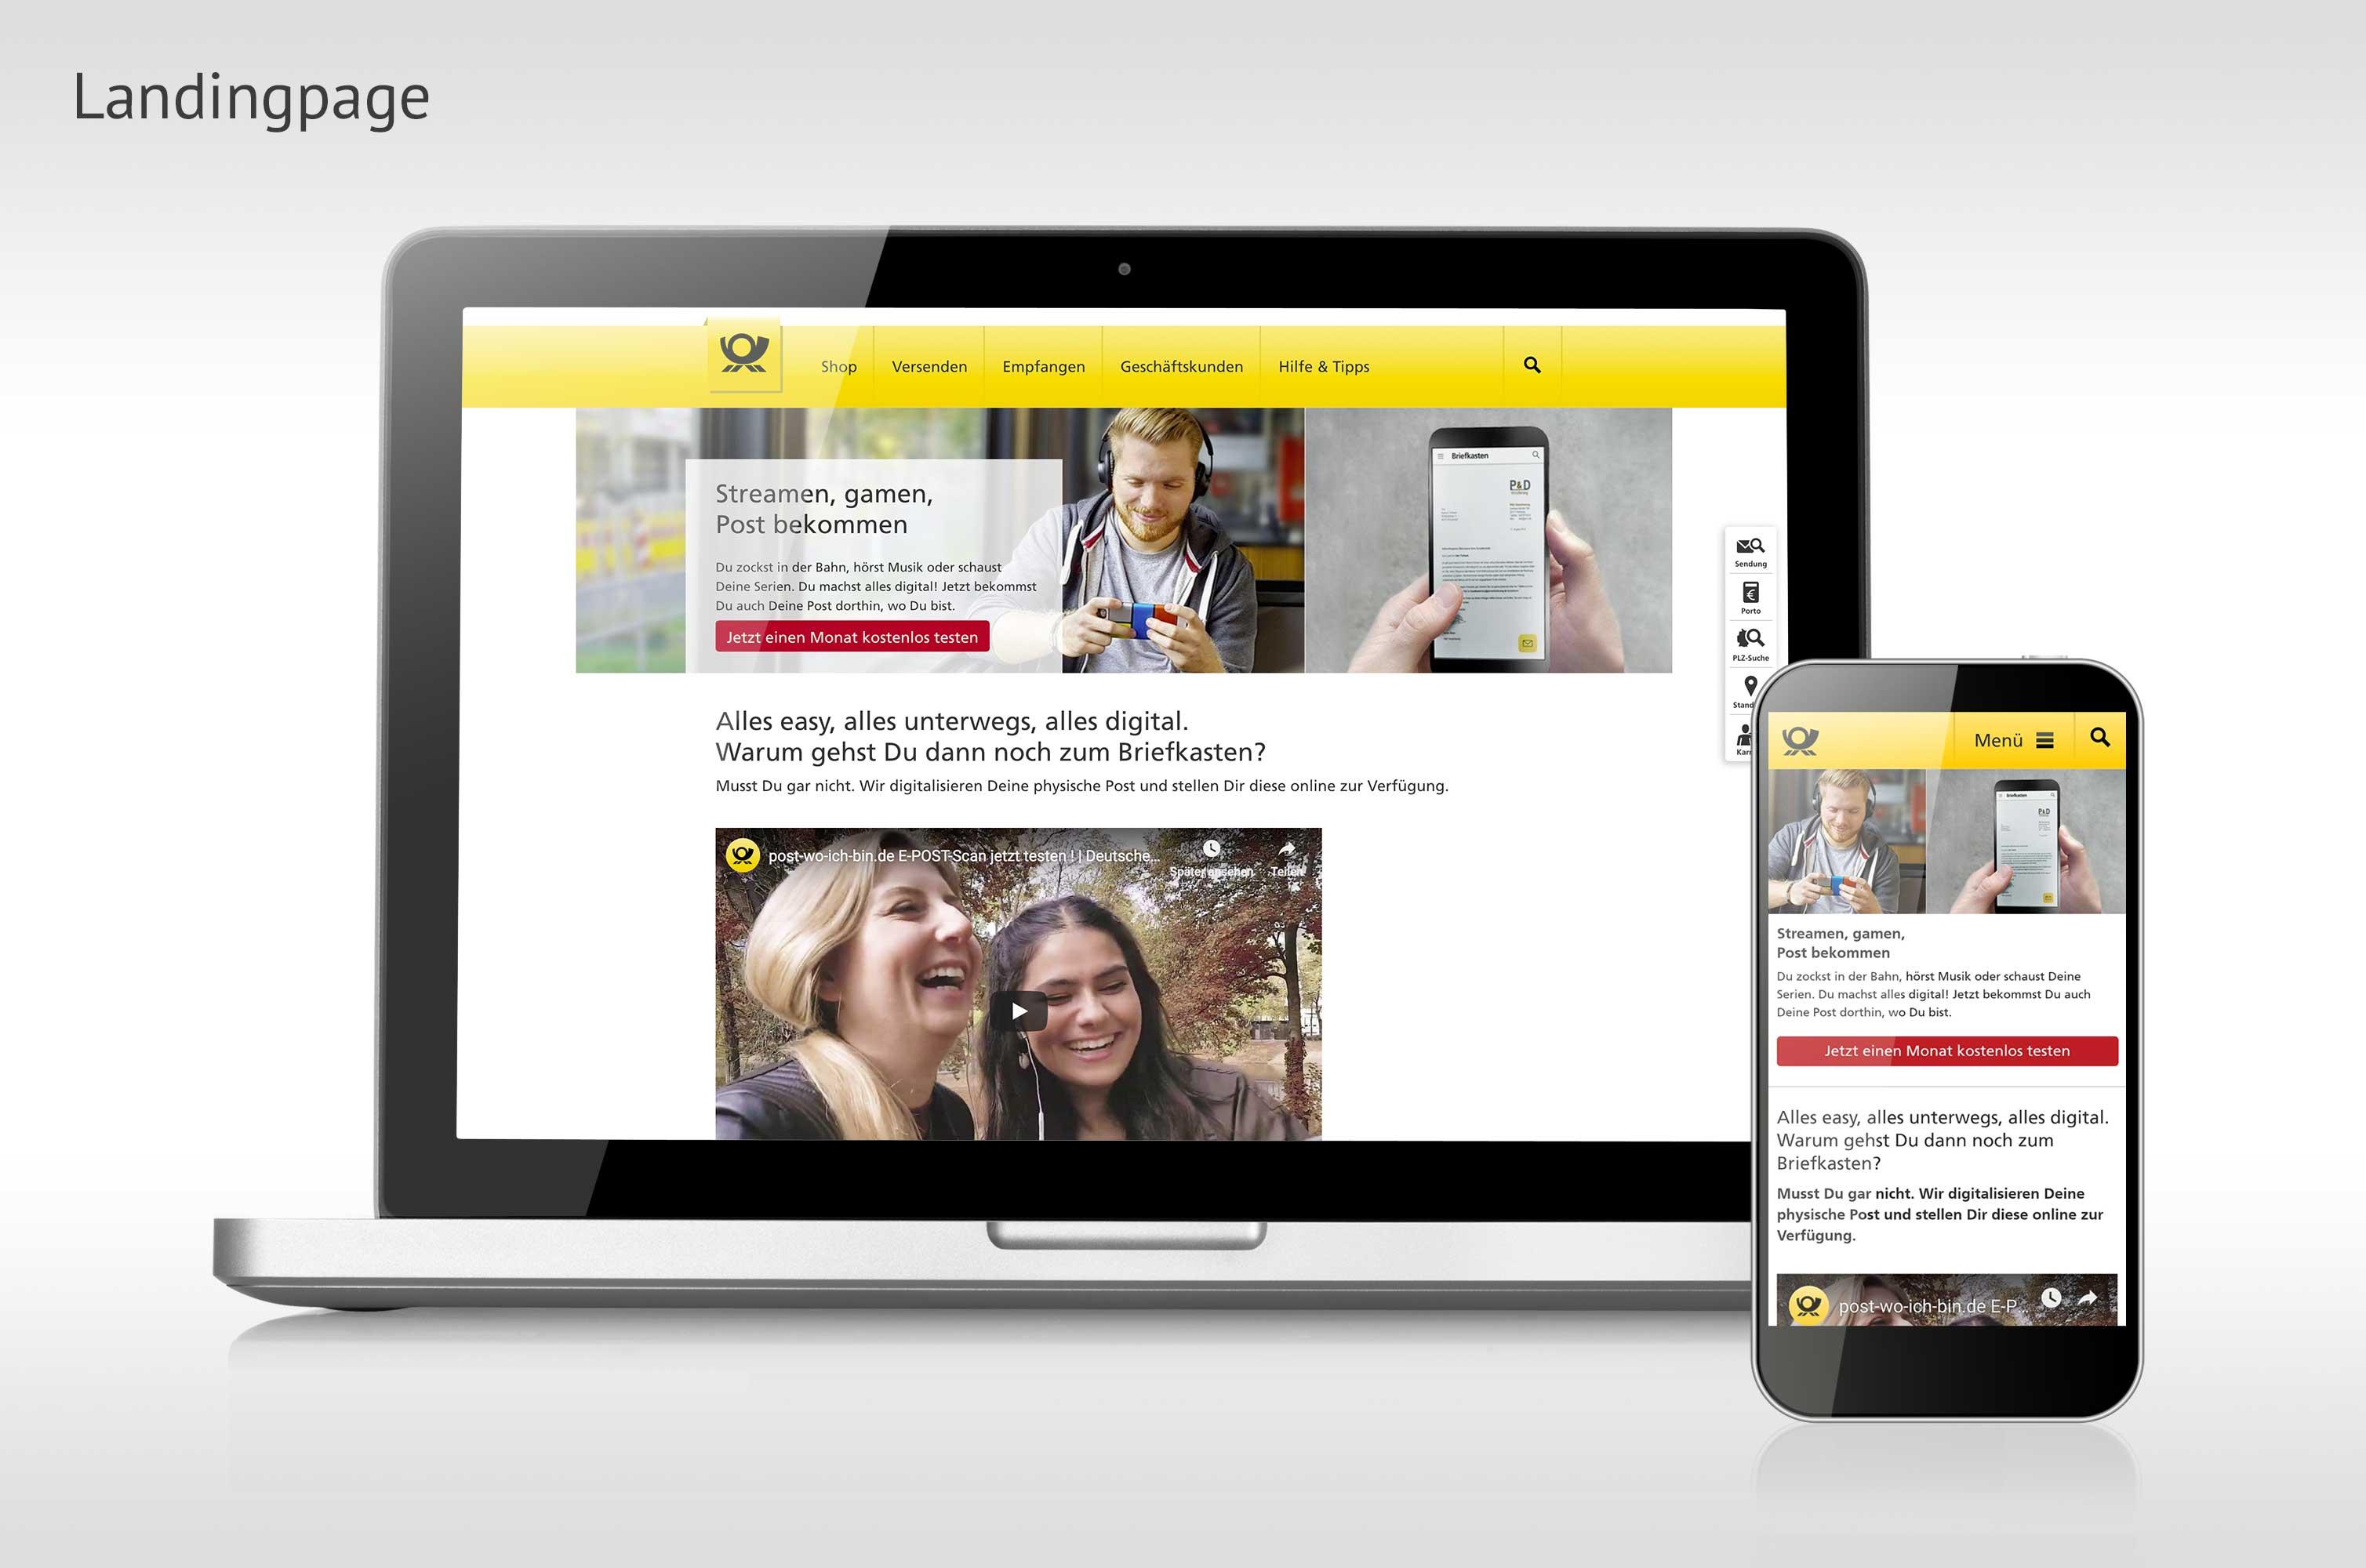 E-POSTSCAN Landingpage auf der Website der Deutschen Post